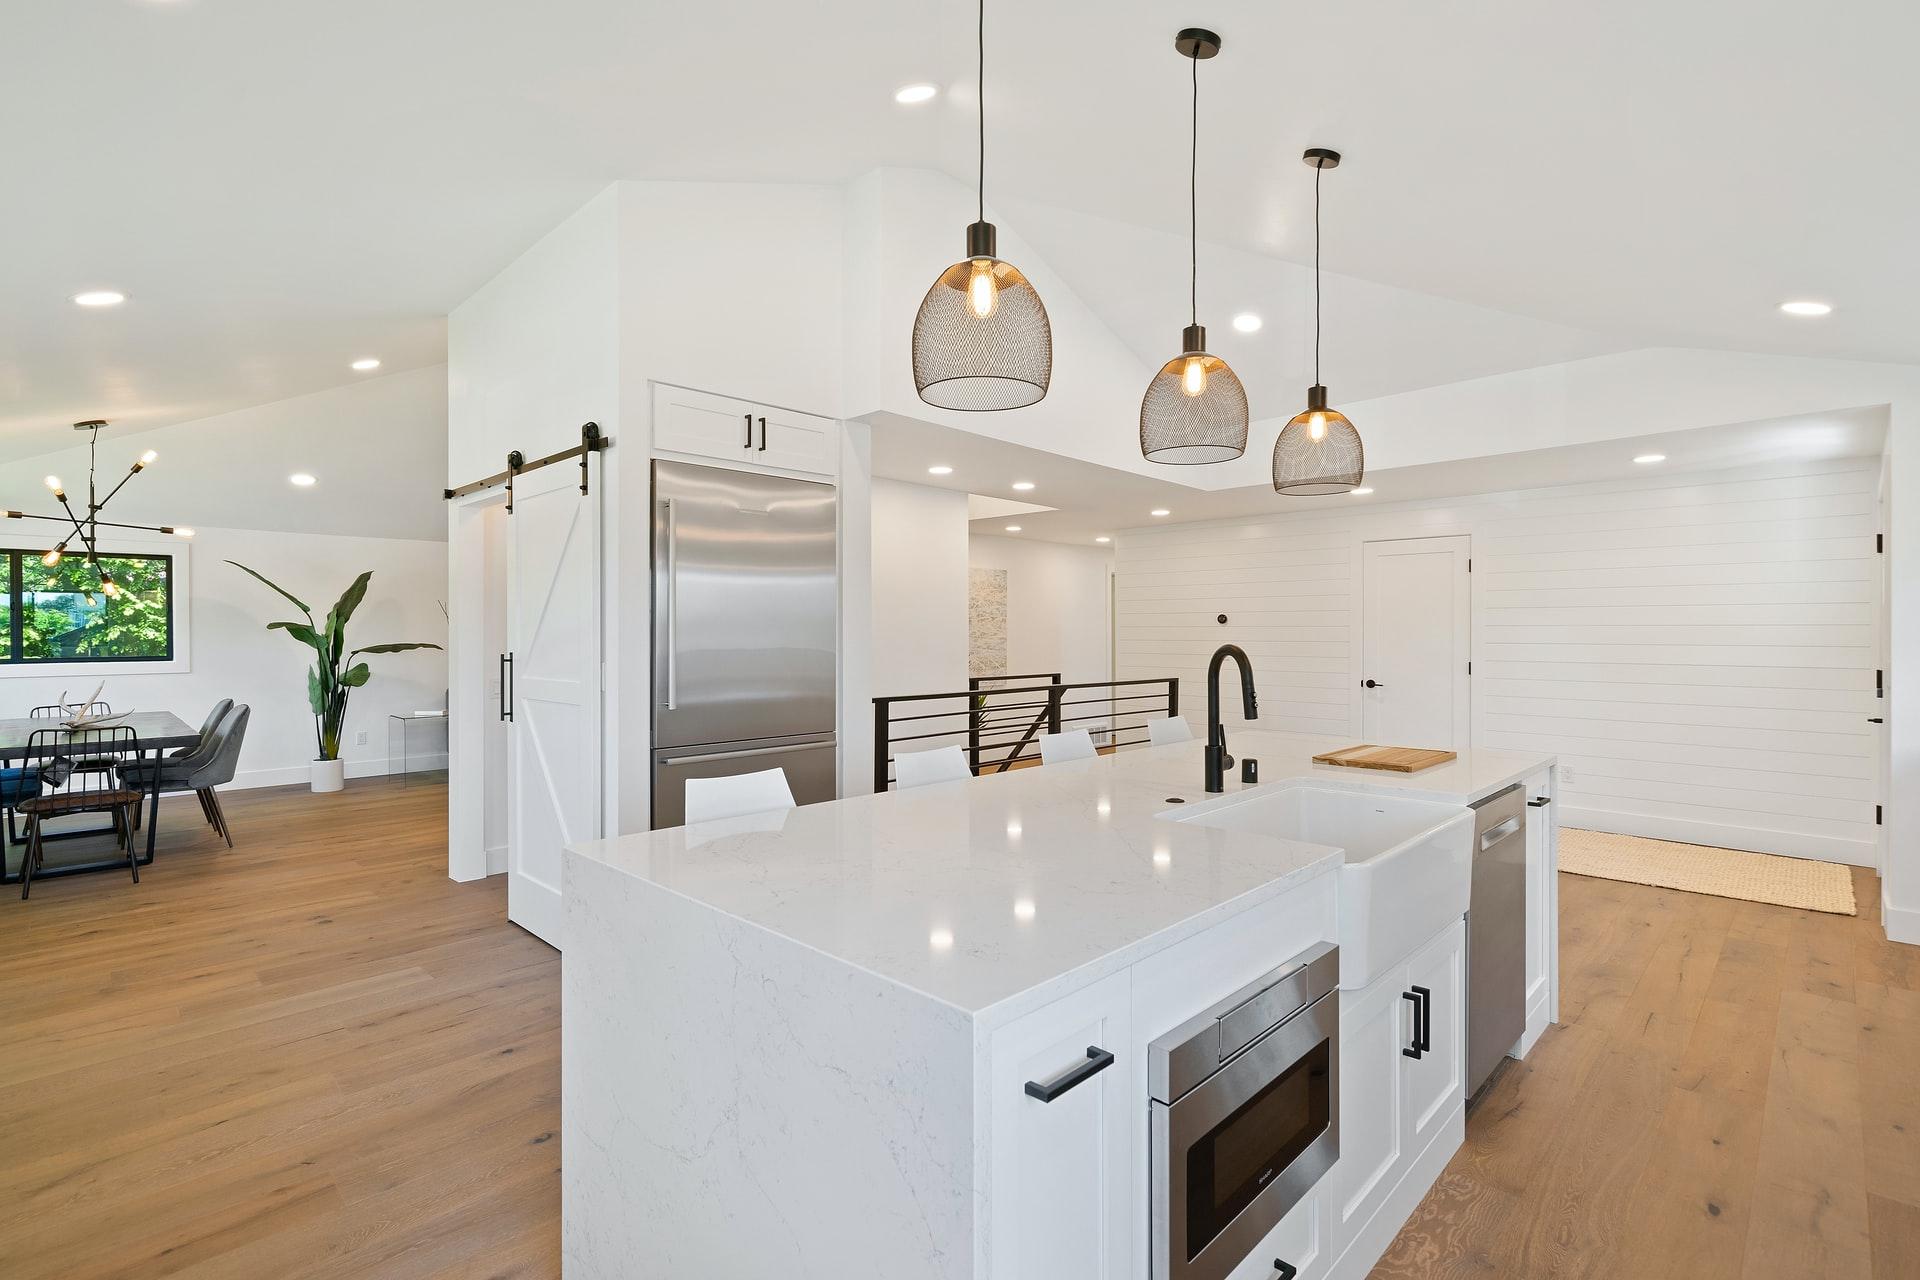 280520 kitchen